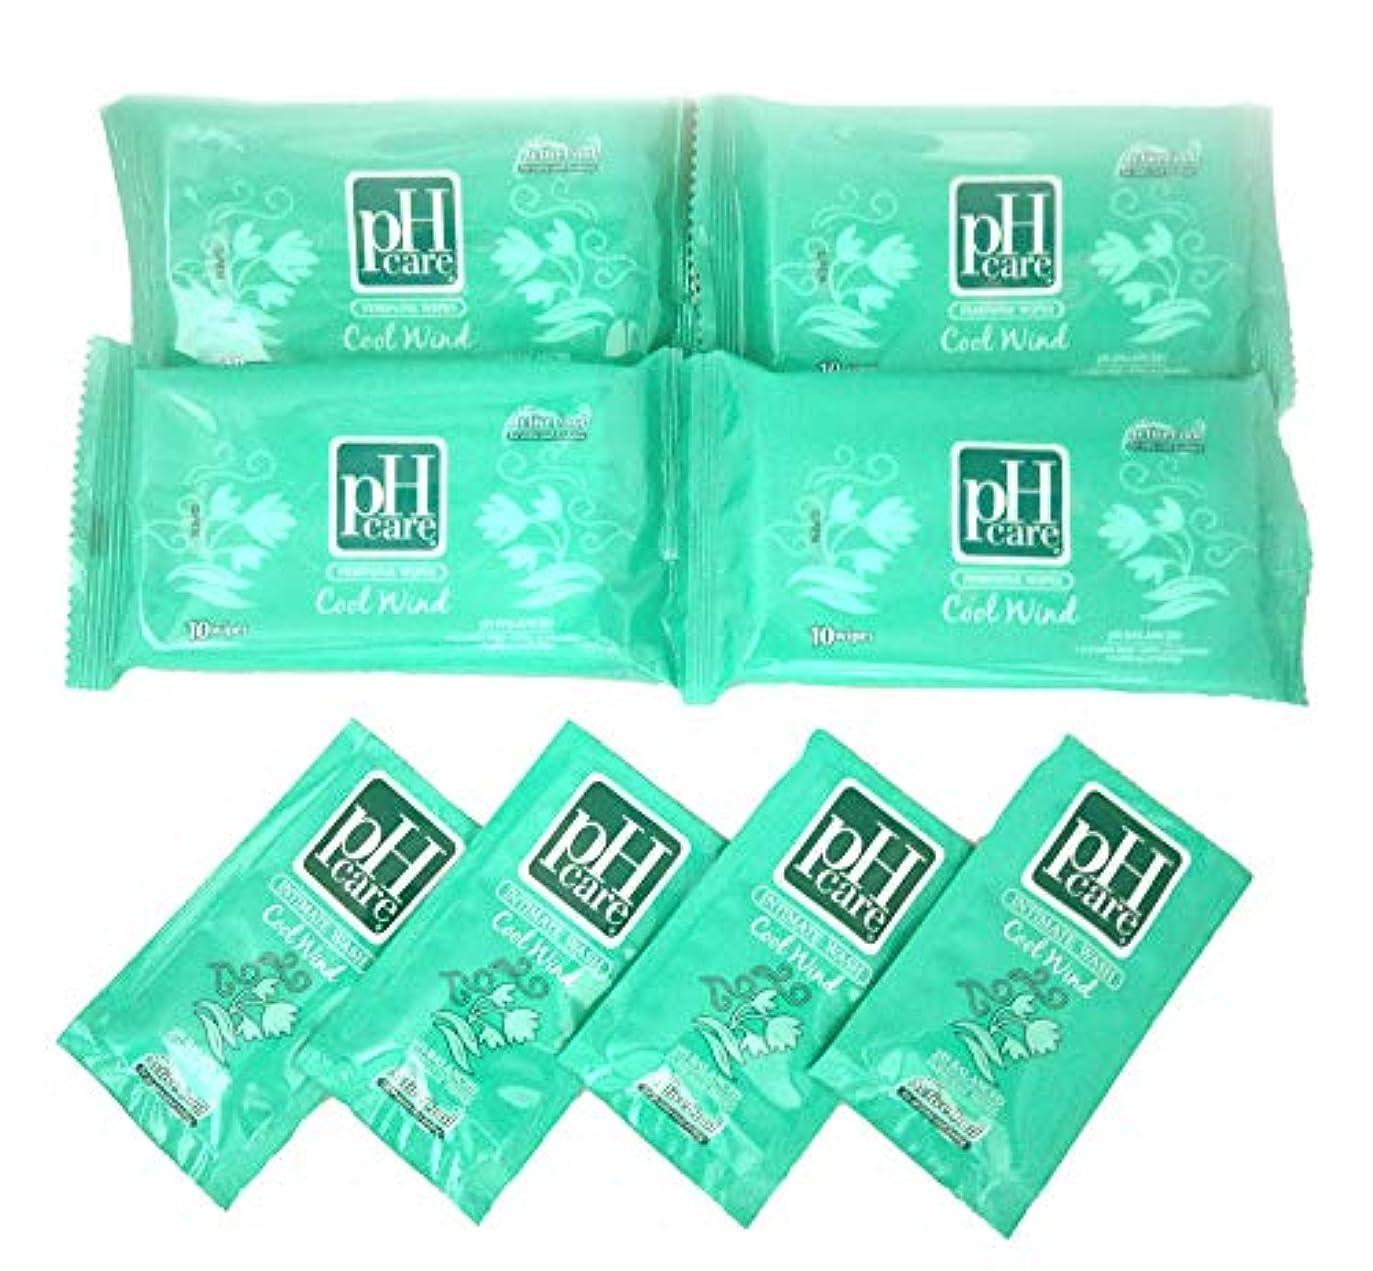 罰するゴール言い直す(ピーエイチケア)pHcare フェミニンウェットシート クールウィンド 4袋 携帯パウチ 4袋 セット